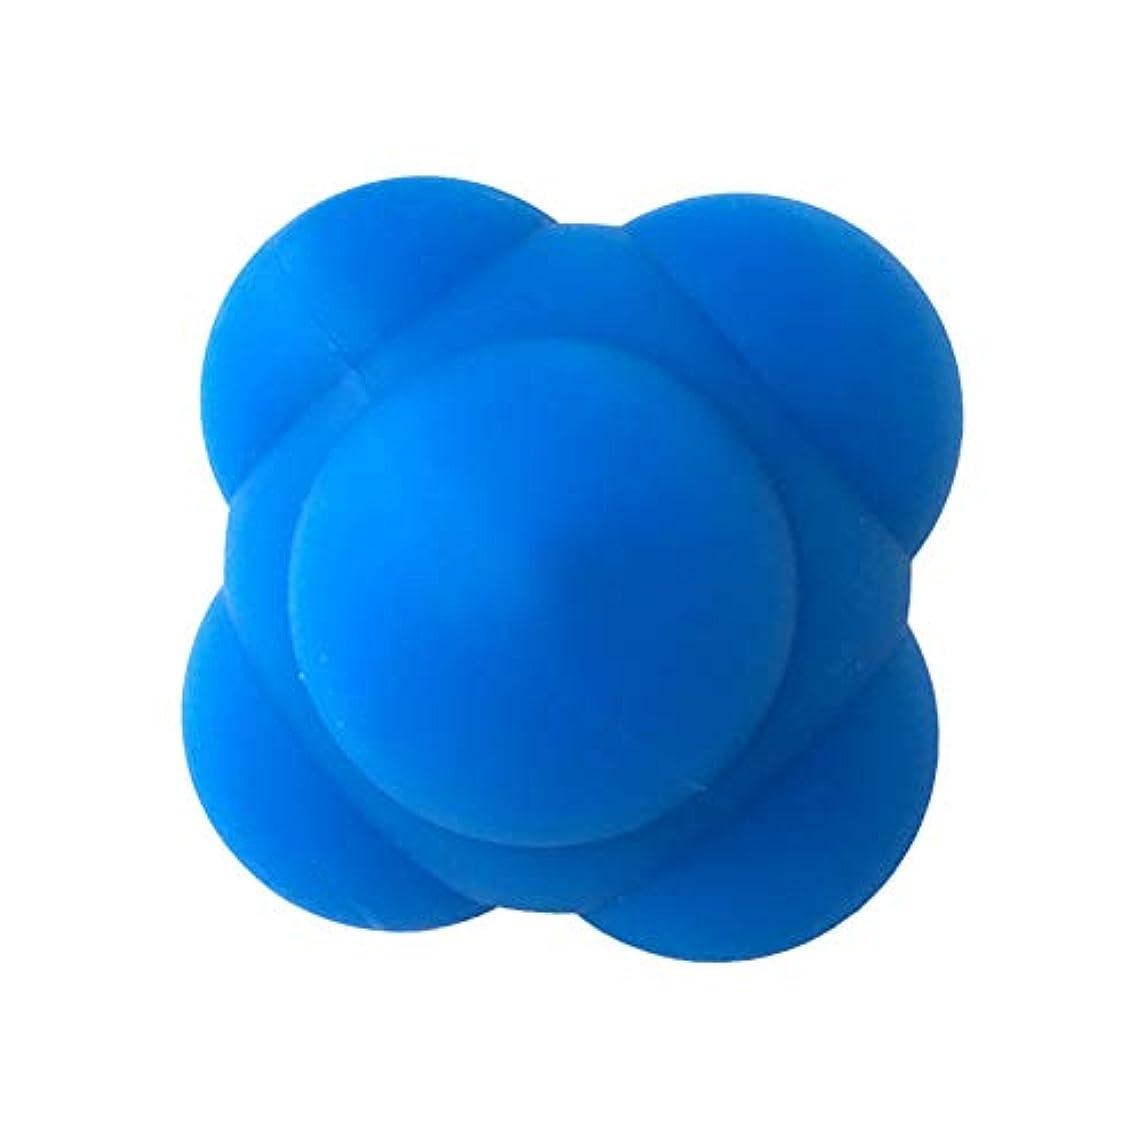 地元フリース合併SUPVOX 野球 練習用品 トレーニングボール ヘキサゴンボール リアクションボール スポーツボール6cm(青)